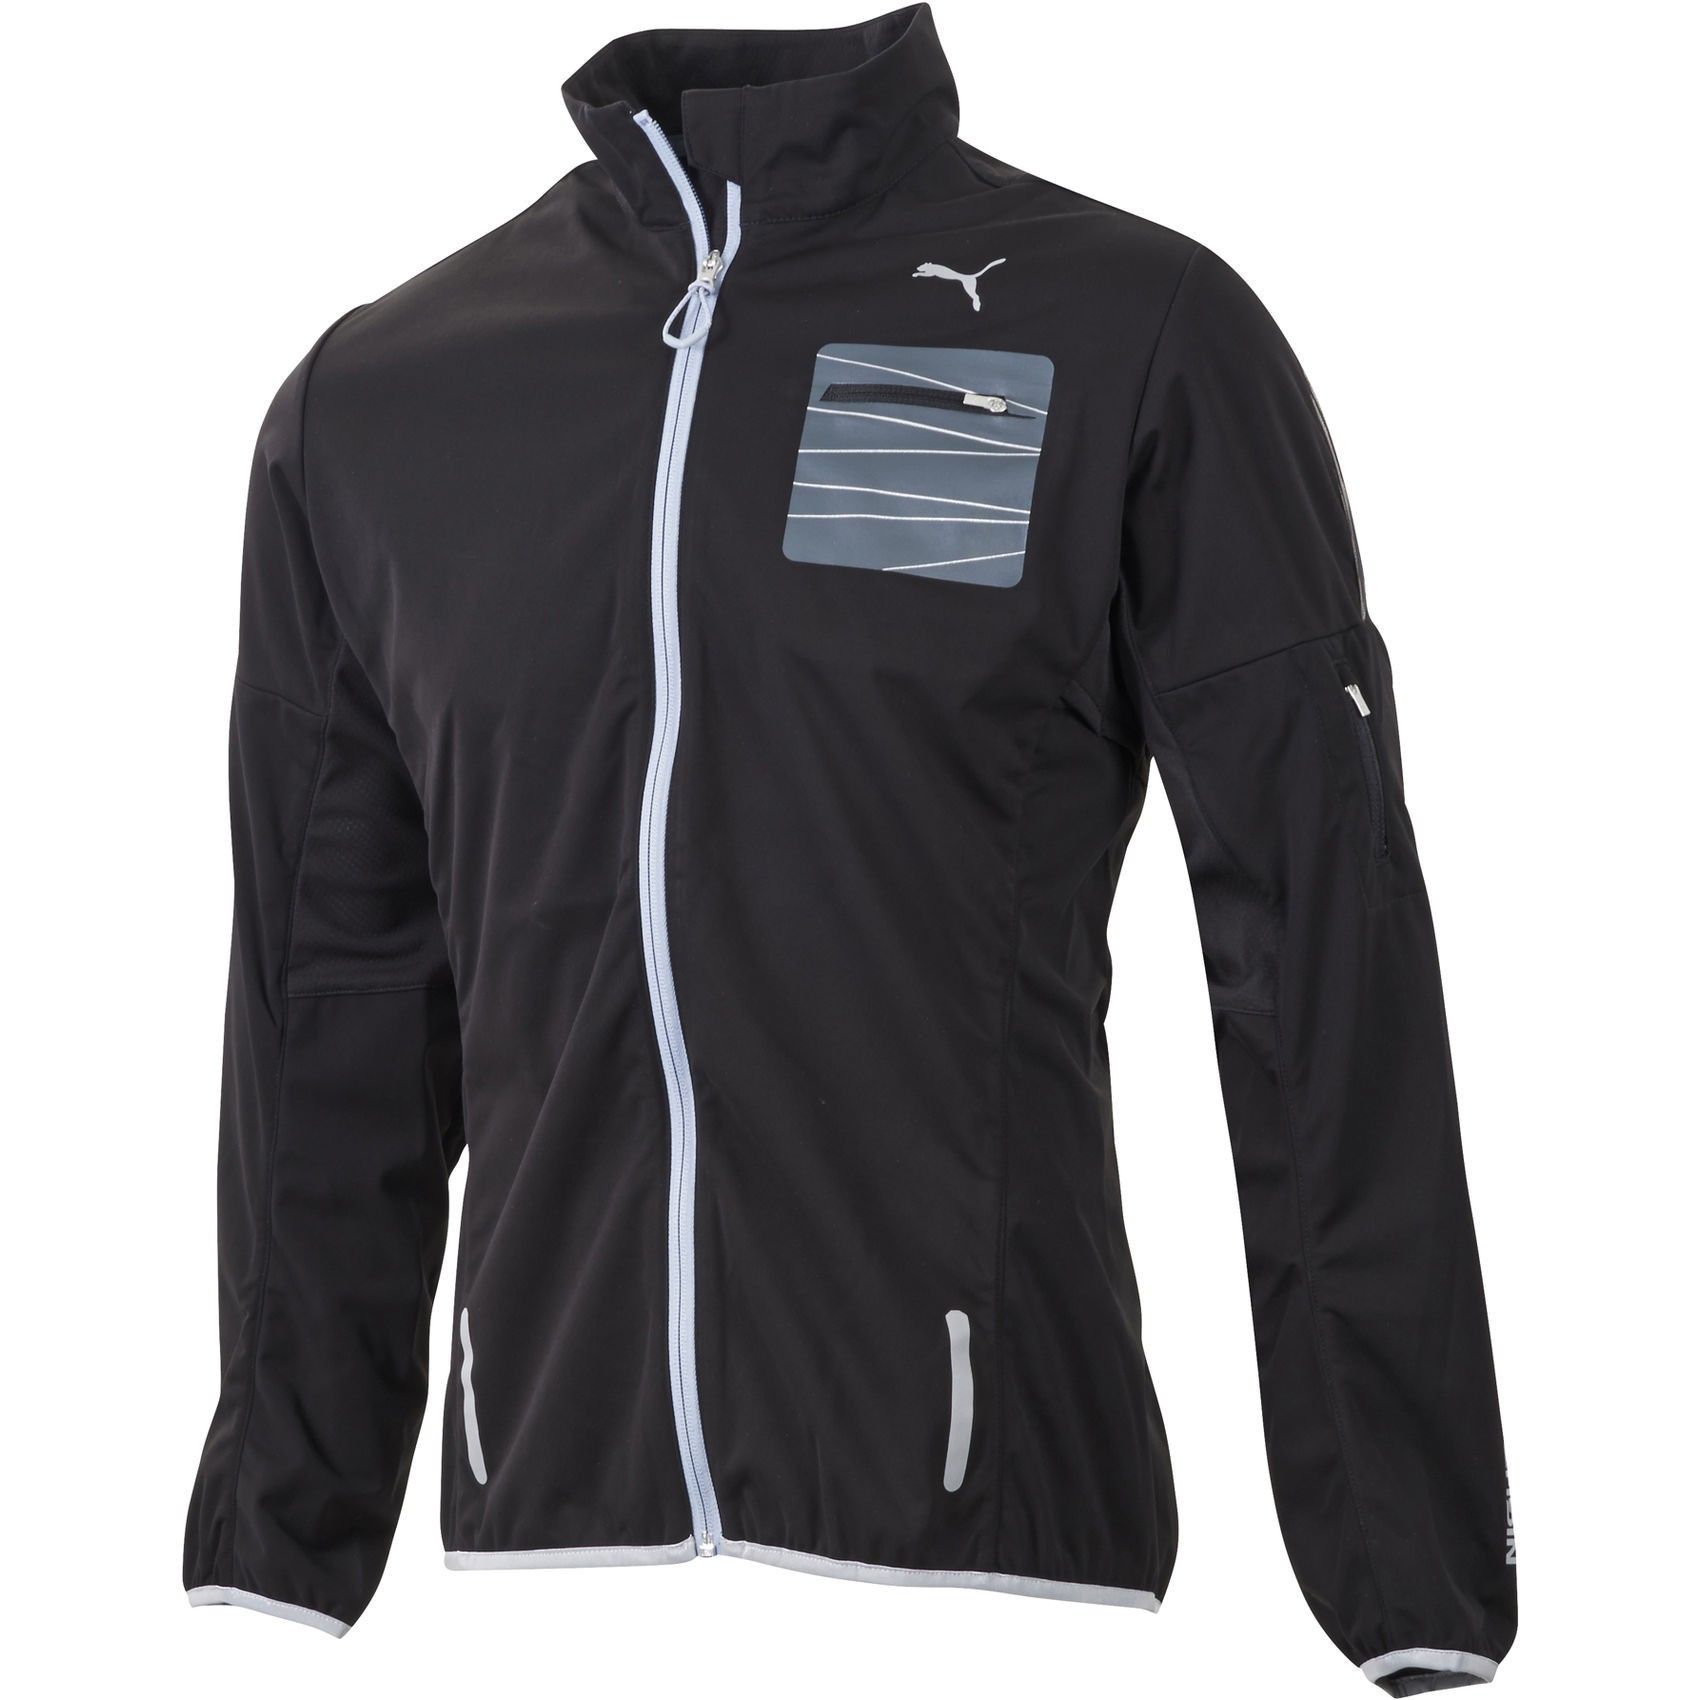 b722710f9aab Puma Pure NightCat Powered Jacket Men